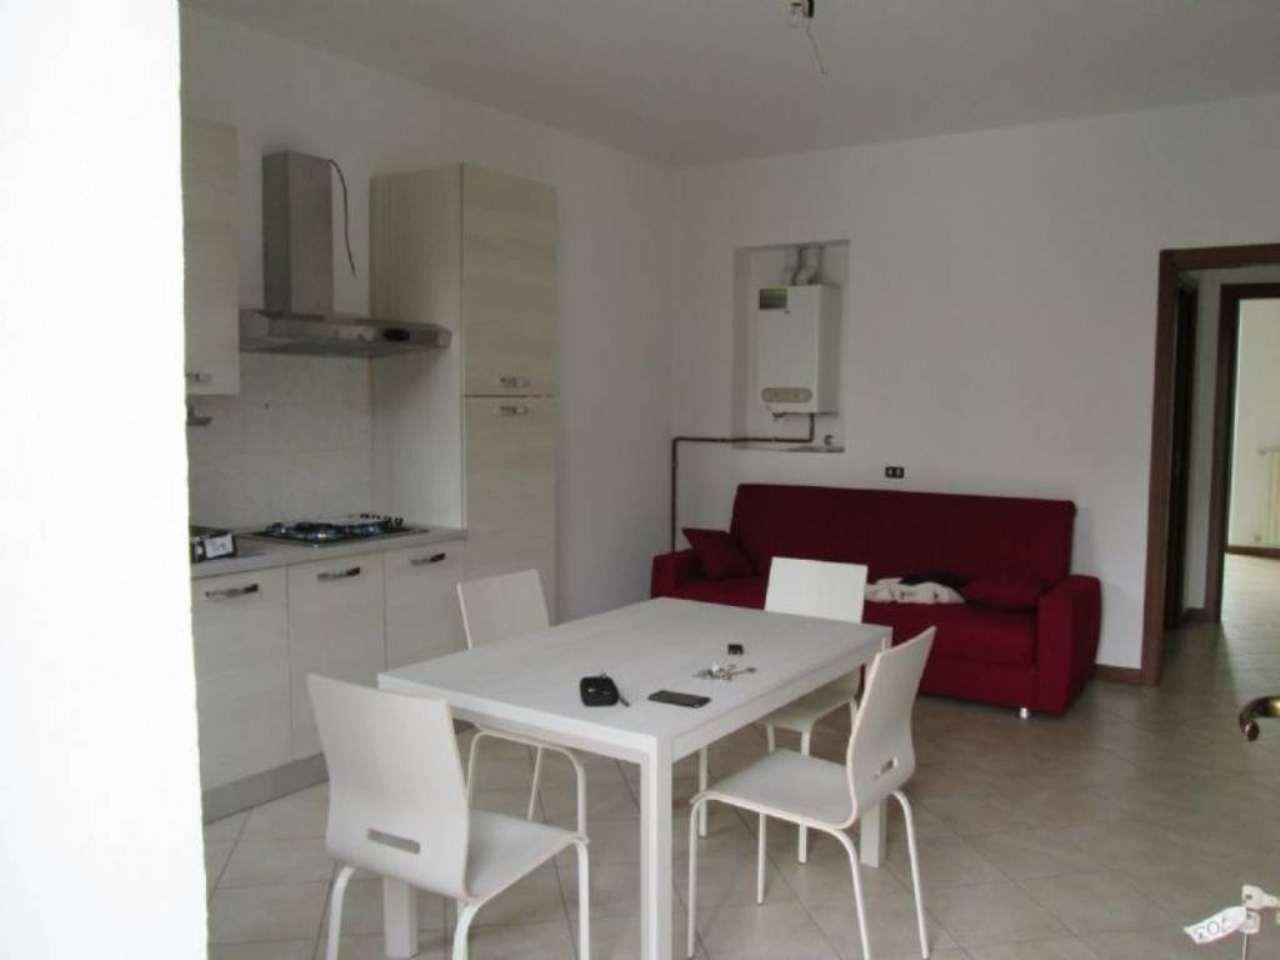 Appartamento in affitto a Bovisio Masciago, 2 locali, prezzo € 550 | Cambio Casa.it